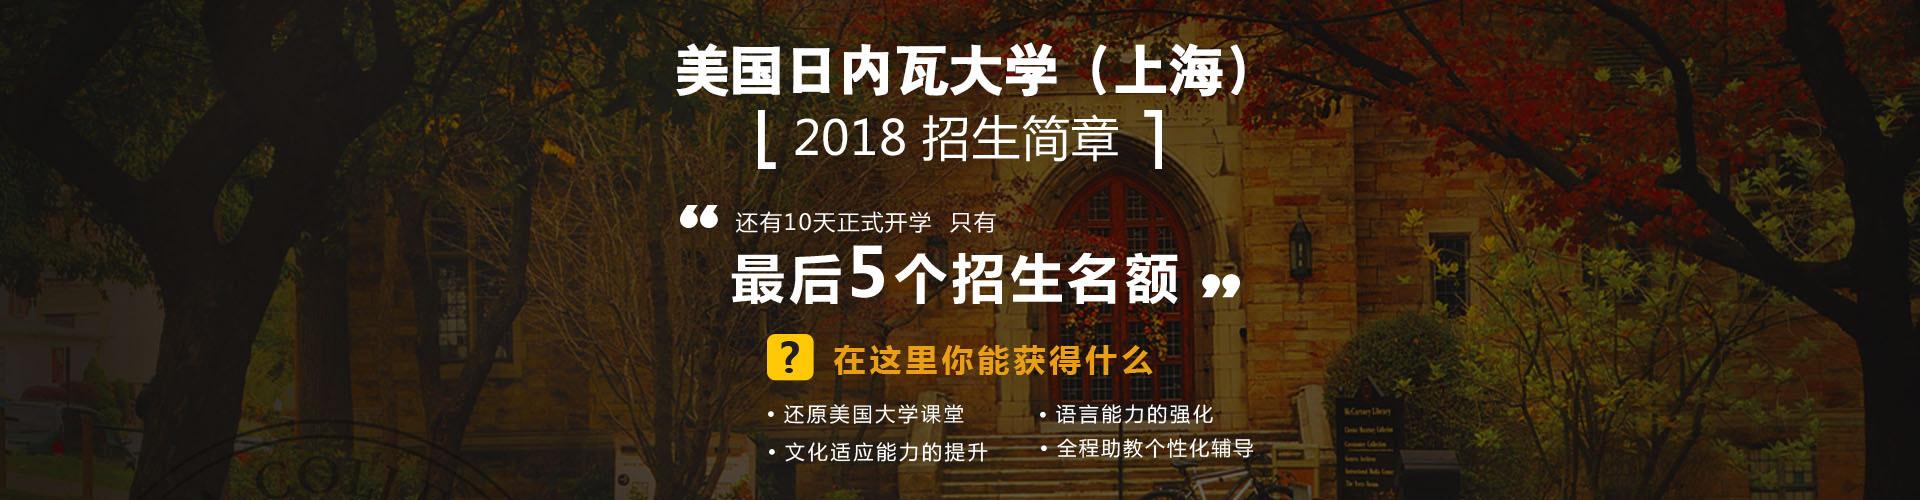 美国日内瓦学院(上海)招生简章